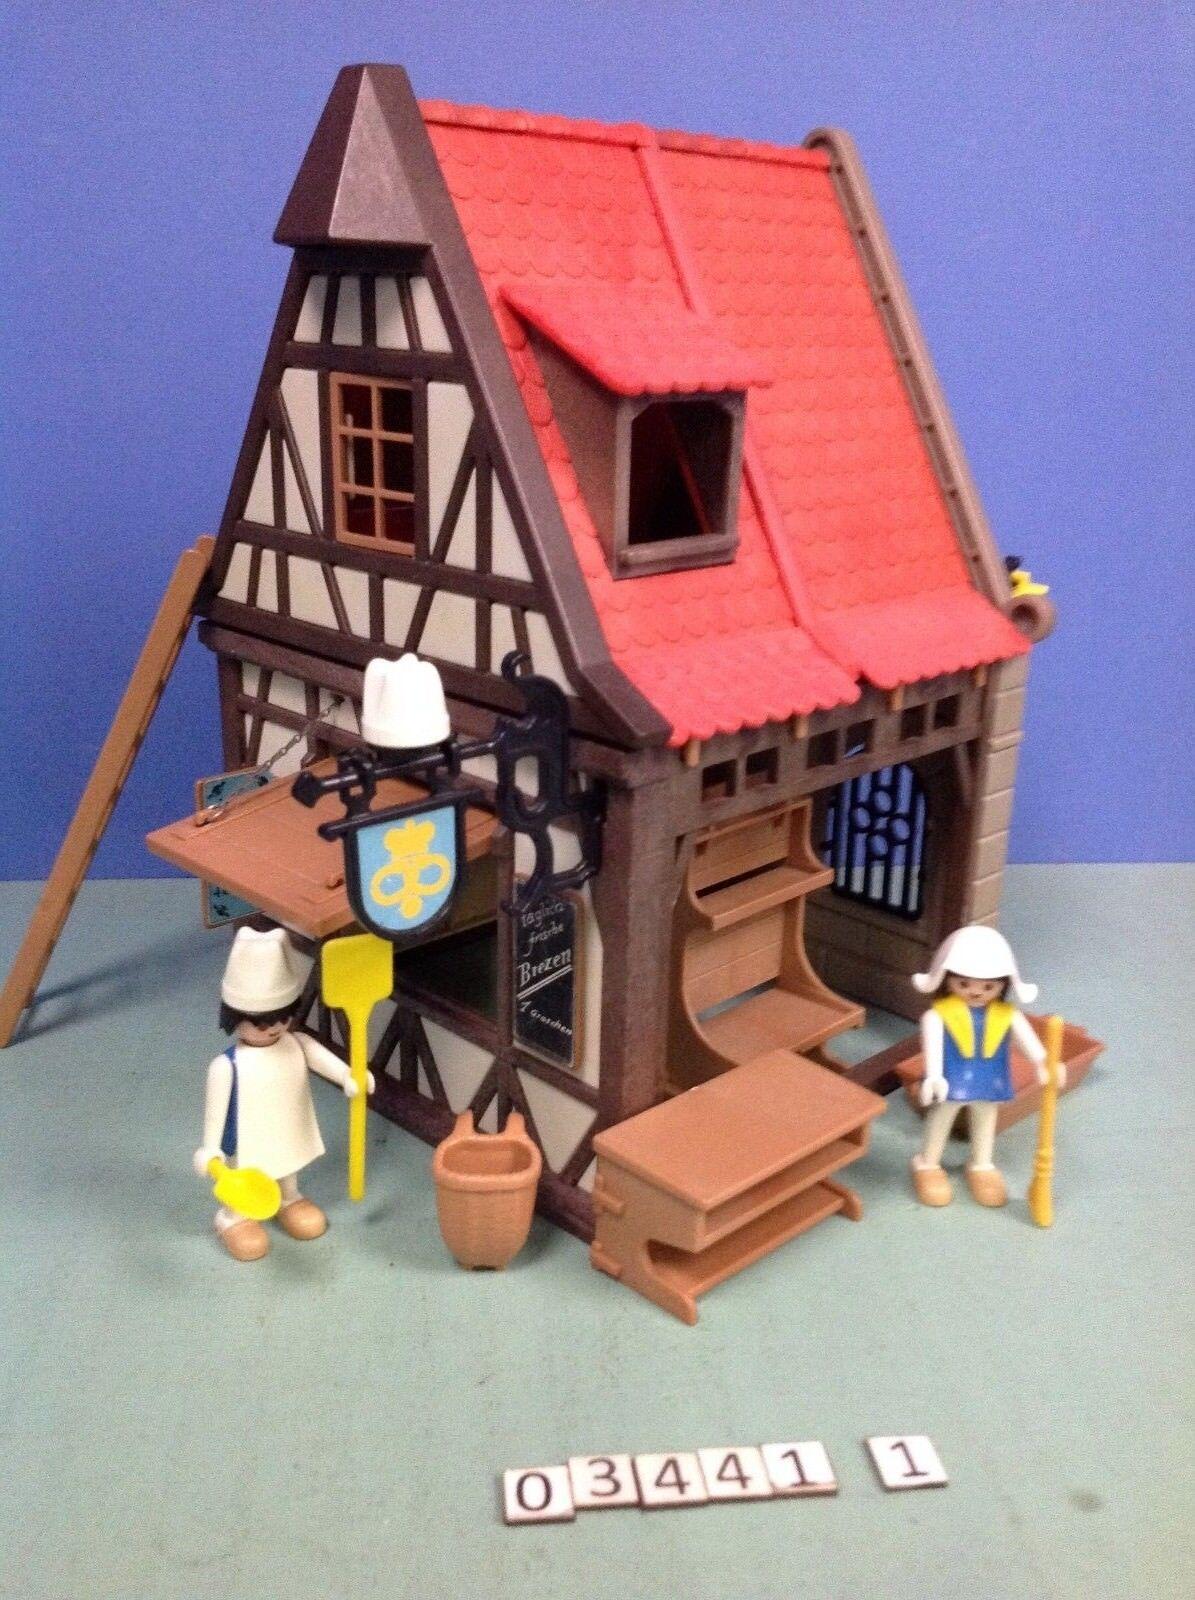 (O3441.1) Playmobil Panificio Medievale  Rif. 3441 Anno 77 - 81 Cplt  Prezzo al piano